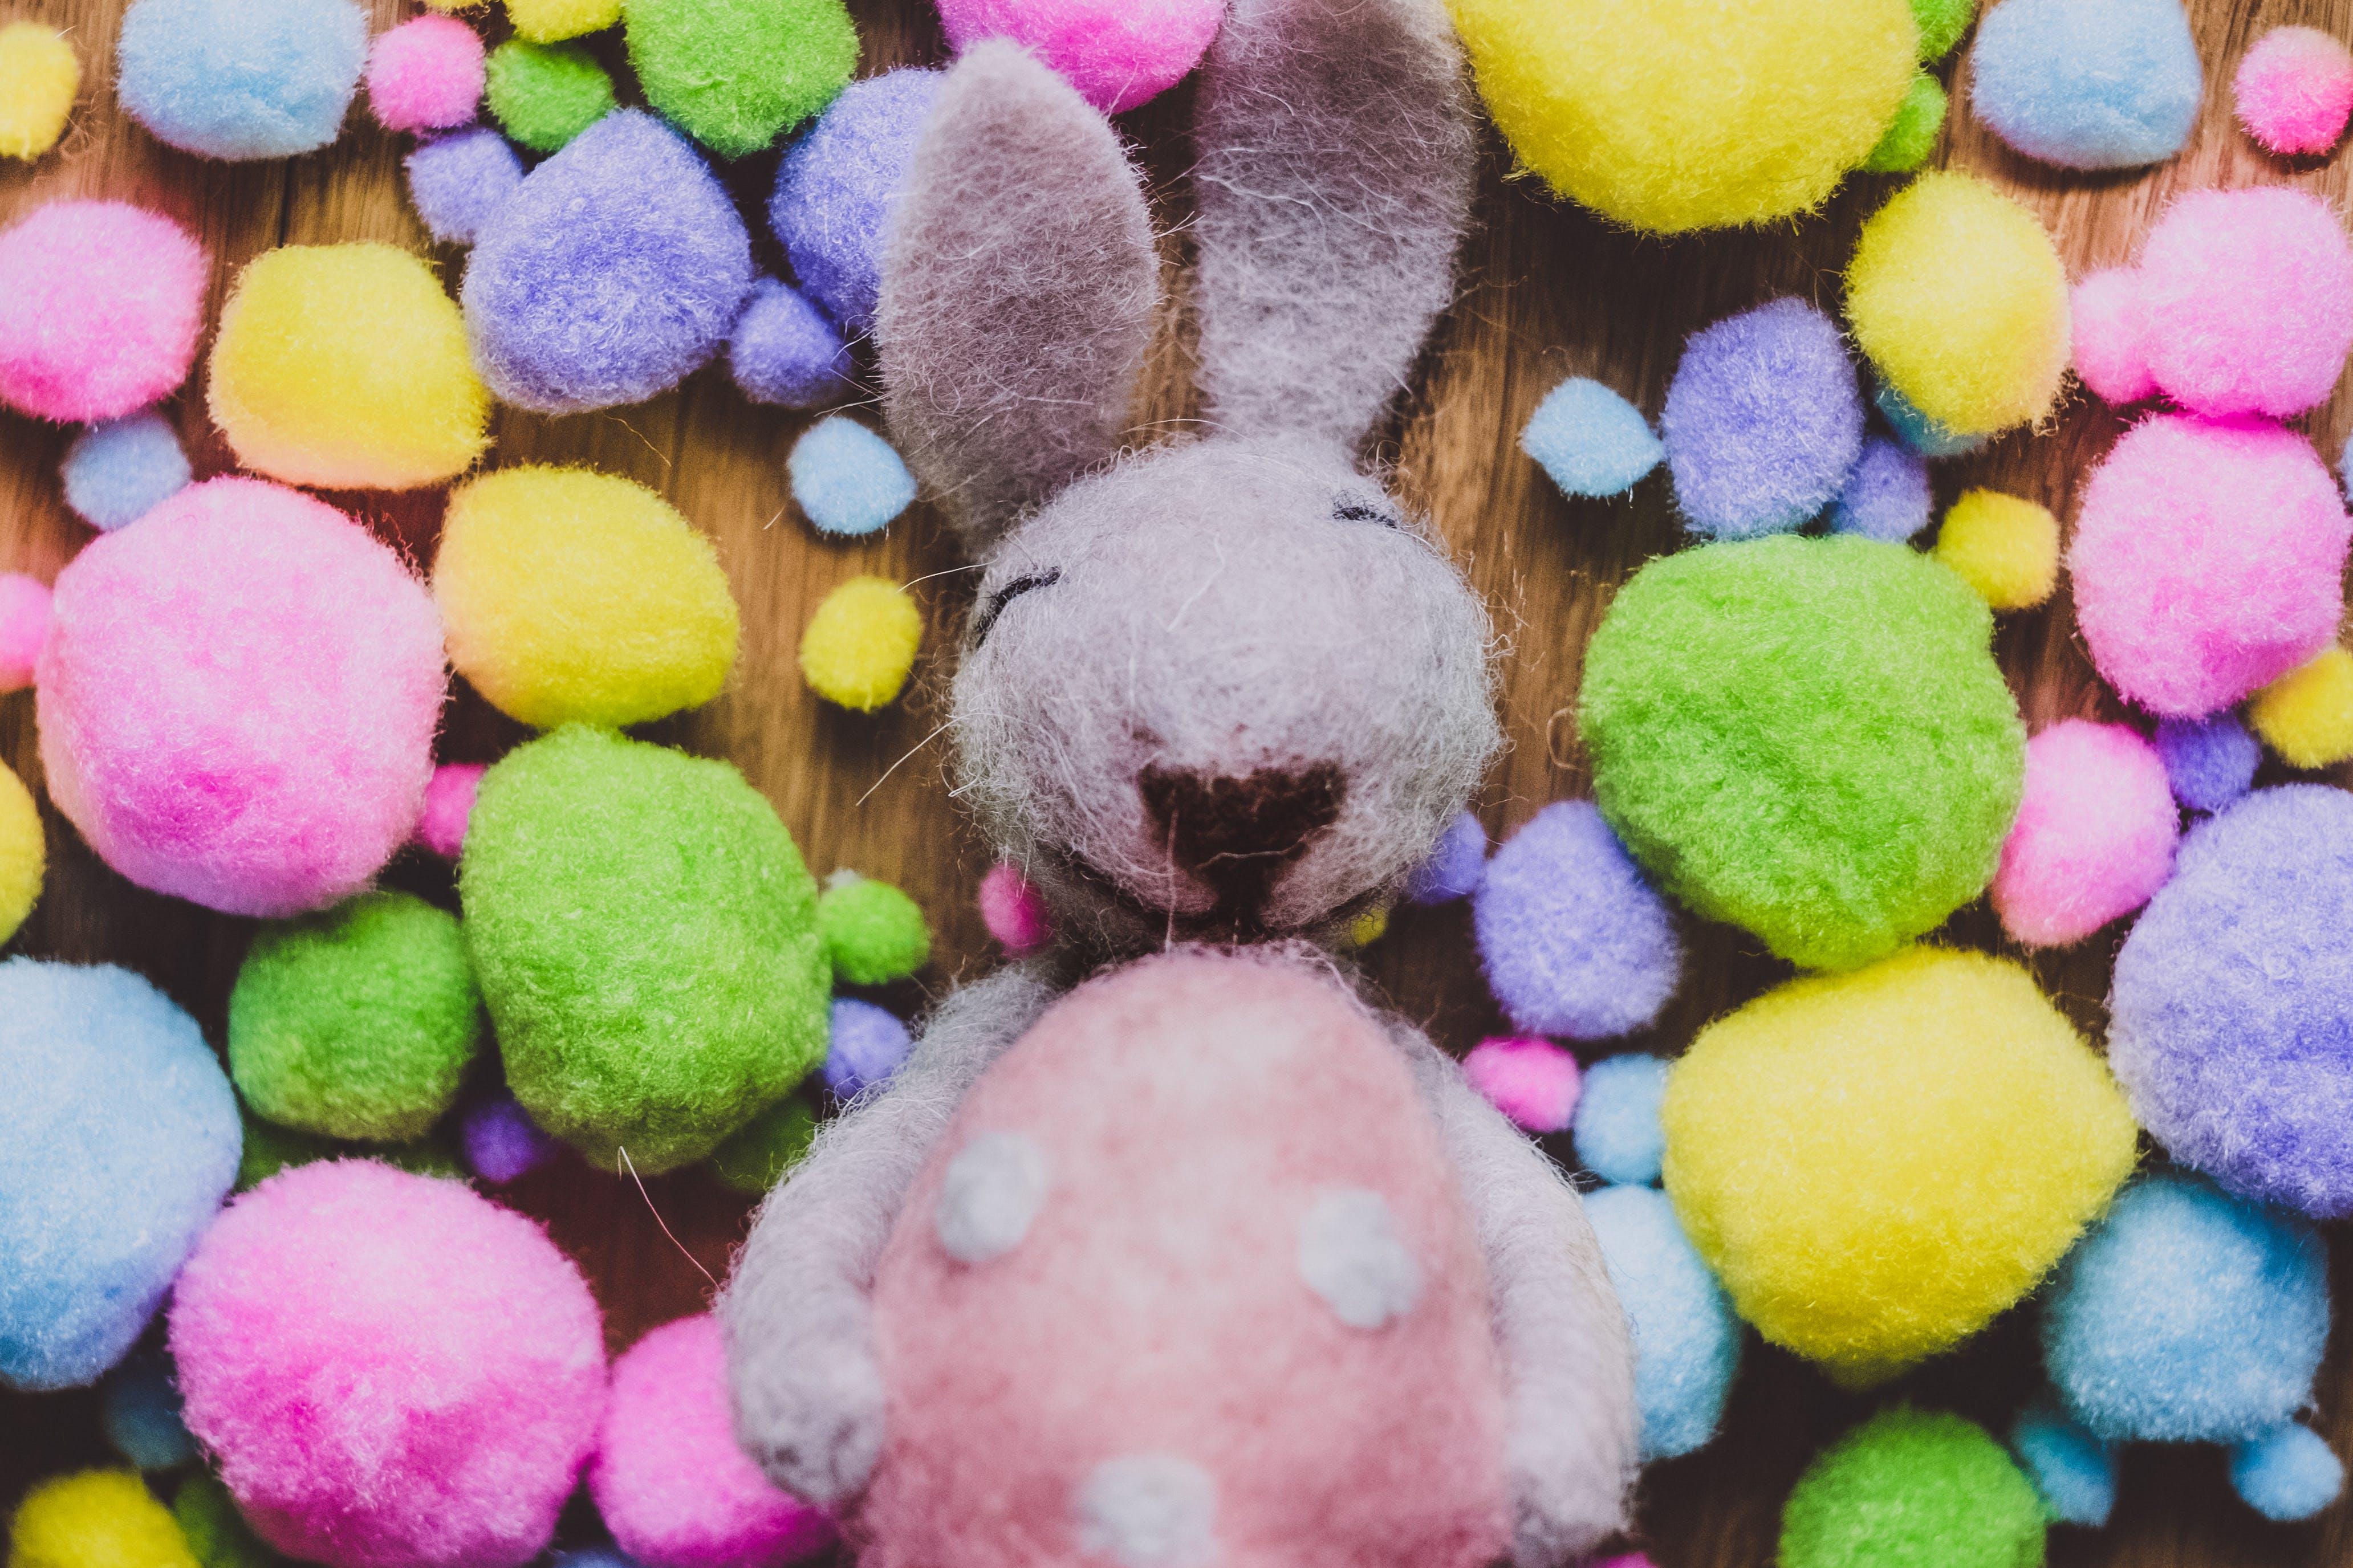 Top View of White Rabbit Plush Toy